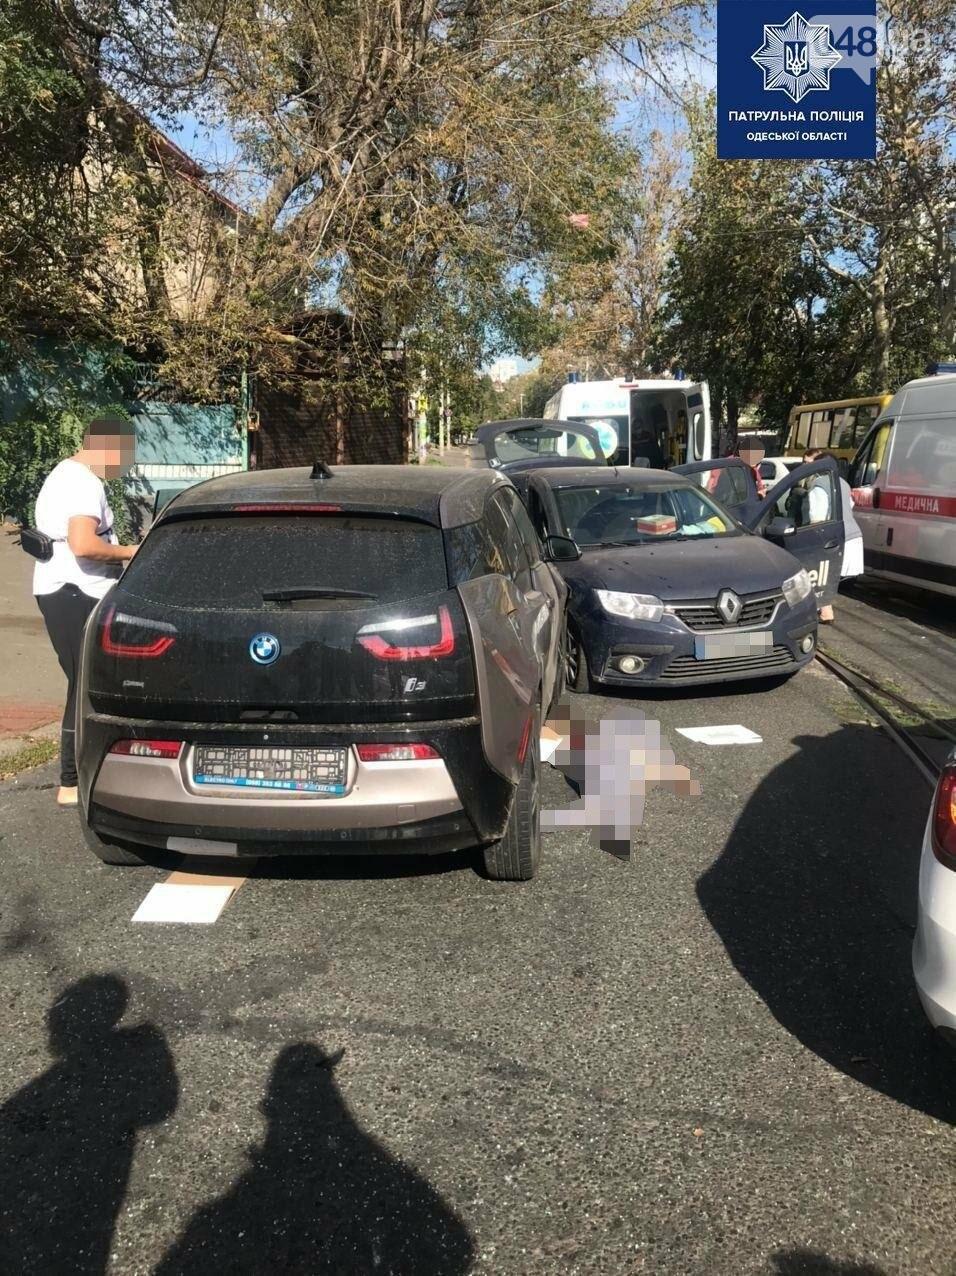 В Приморском районе Одессы ДТП: одна погибшая, двое с травмами, - ФОТО, фото-2